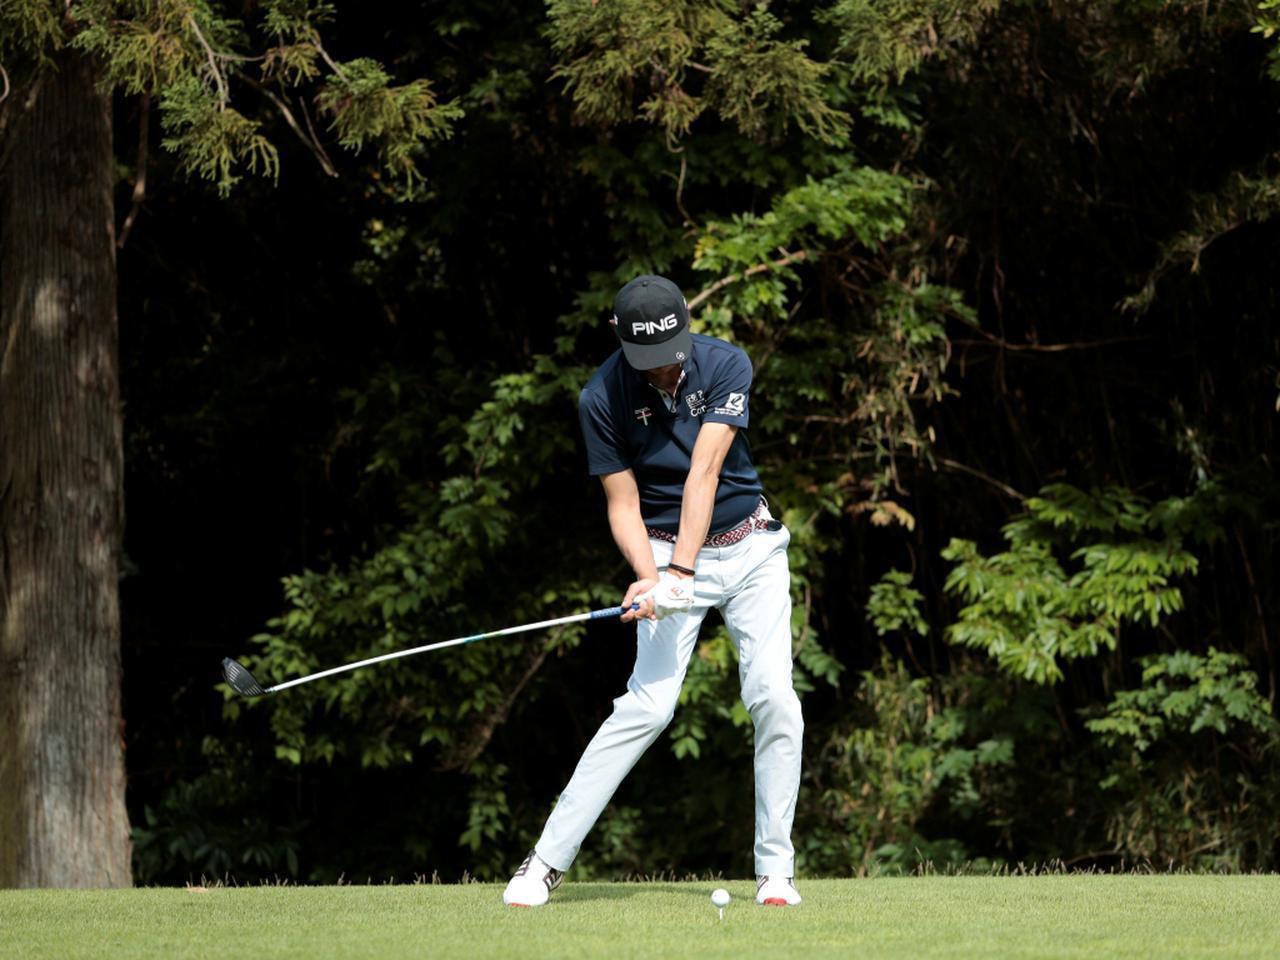 画像5: 【ヒールを喰わないドライバー】マン振りしても芯に当たる! ヘッドスピード40m/s前後のゴルファーの飛距離をアップさせるカスタムモデルが登場